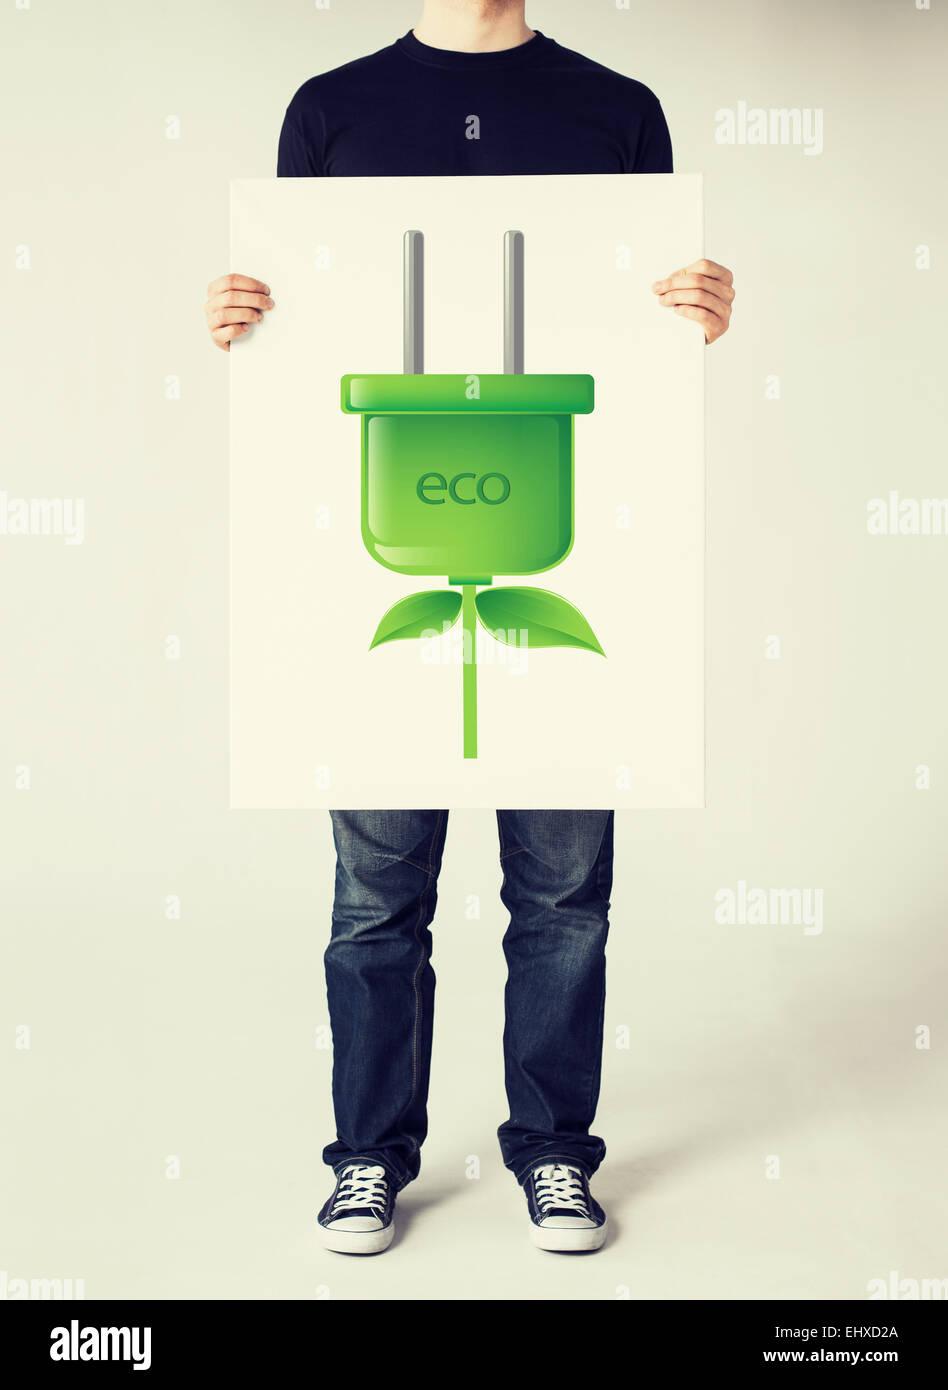 Manos sosteniendo la imagen de verde electrica ecol plug Imagen De Stock